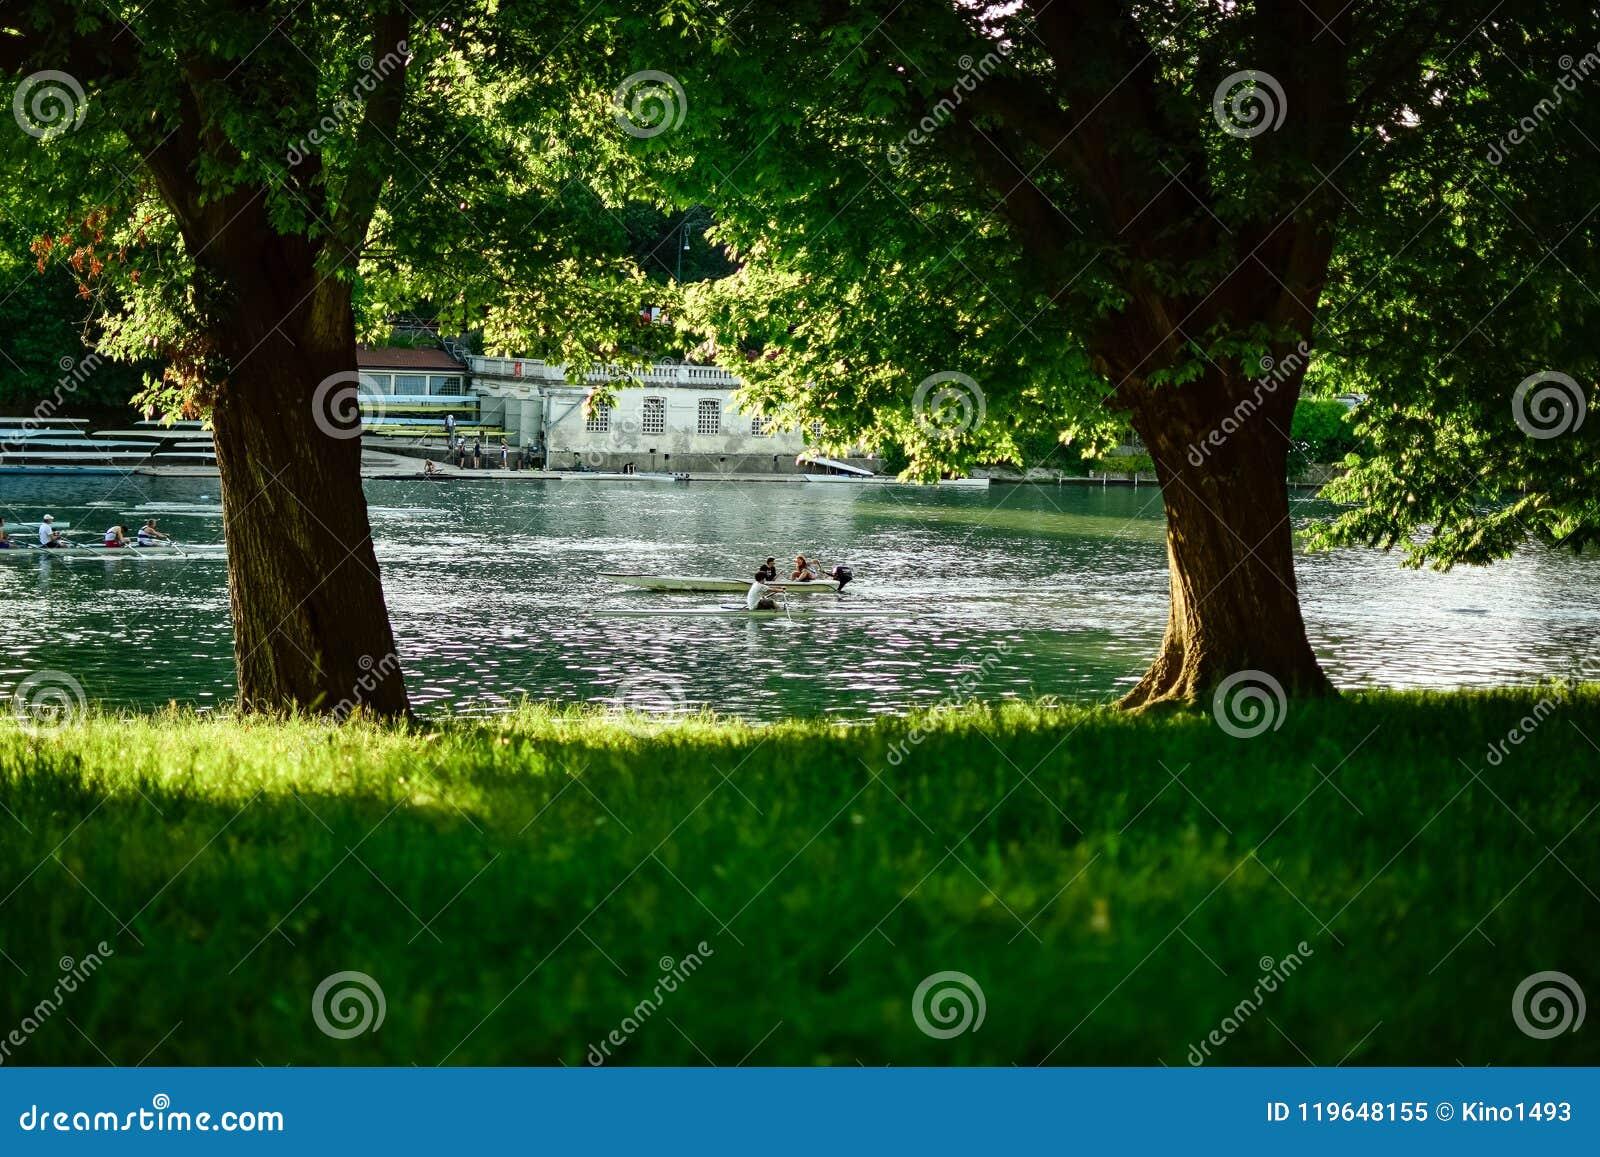 从做划船和体育在波河的水域的中两条消遣小船的阴影的看法